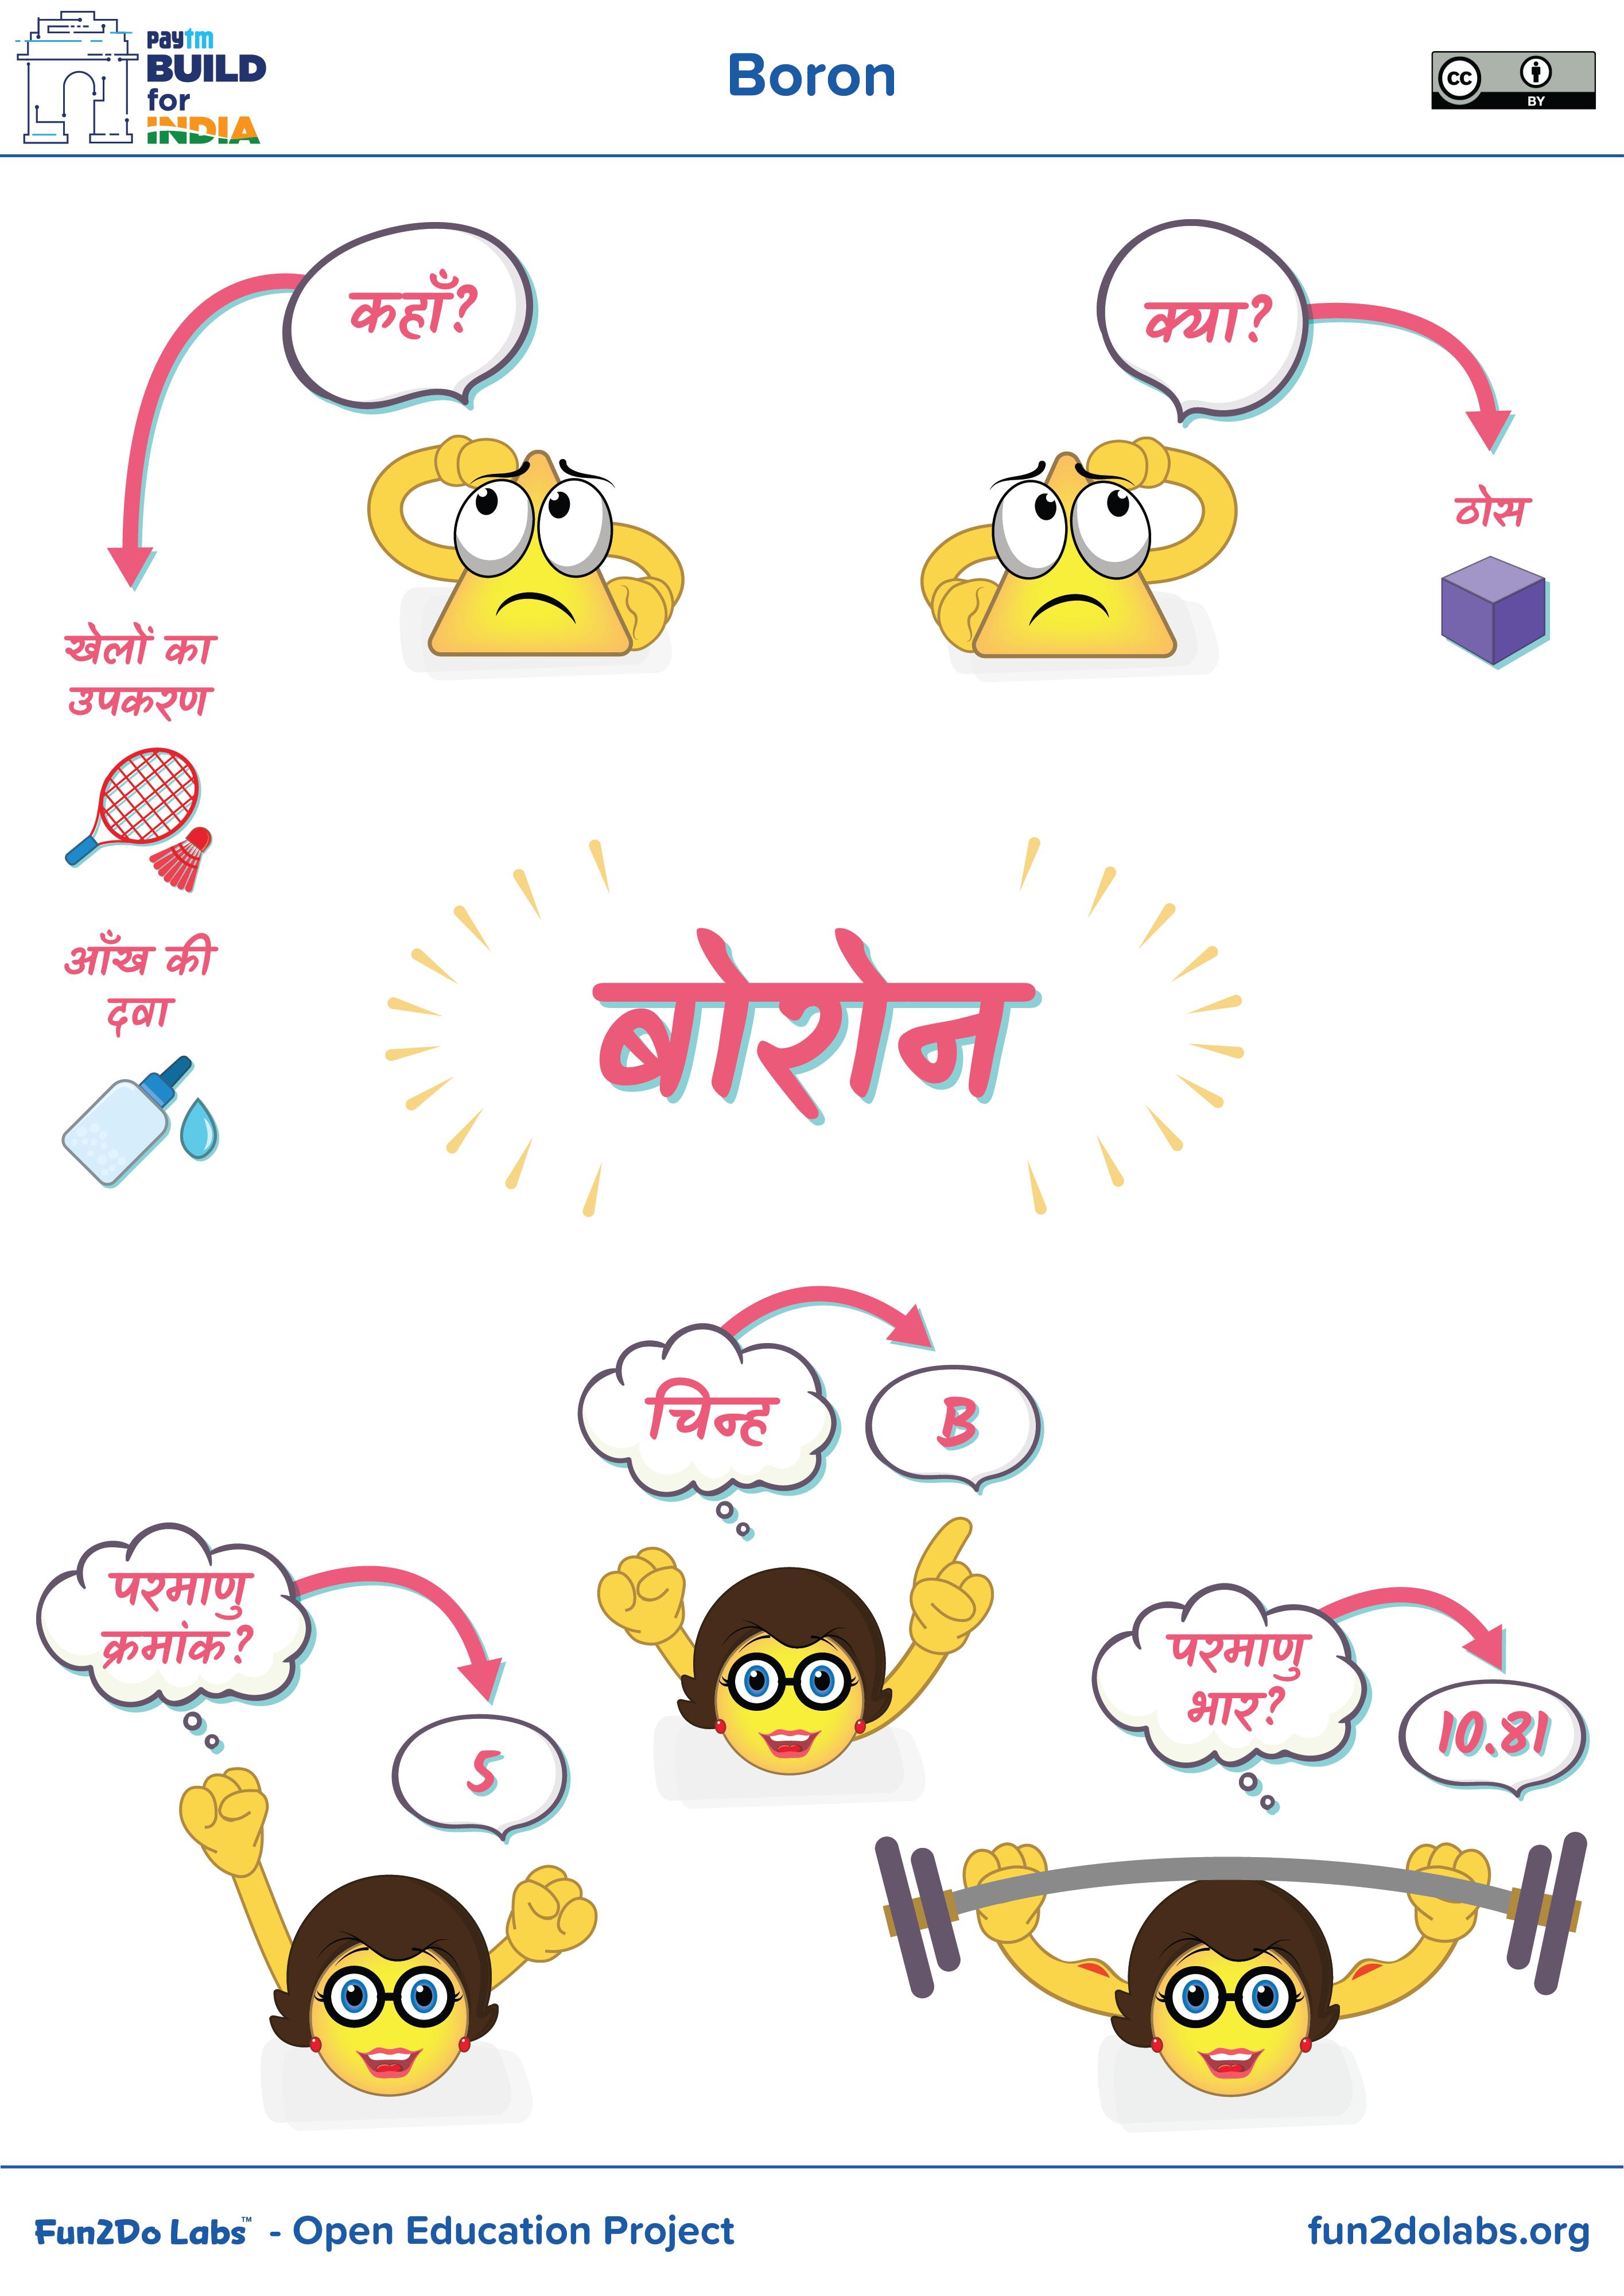 Poster In Hindi For Teaching Boron To Kids Boron Makeup Boron